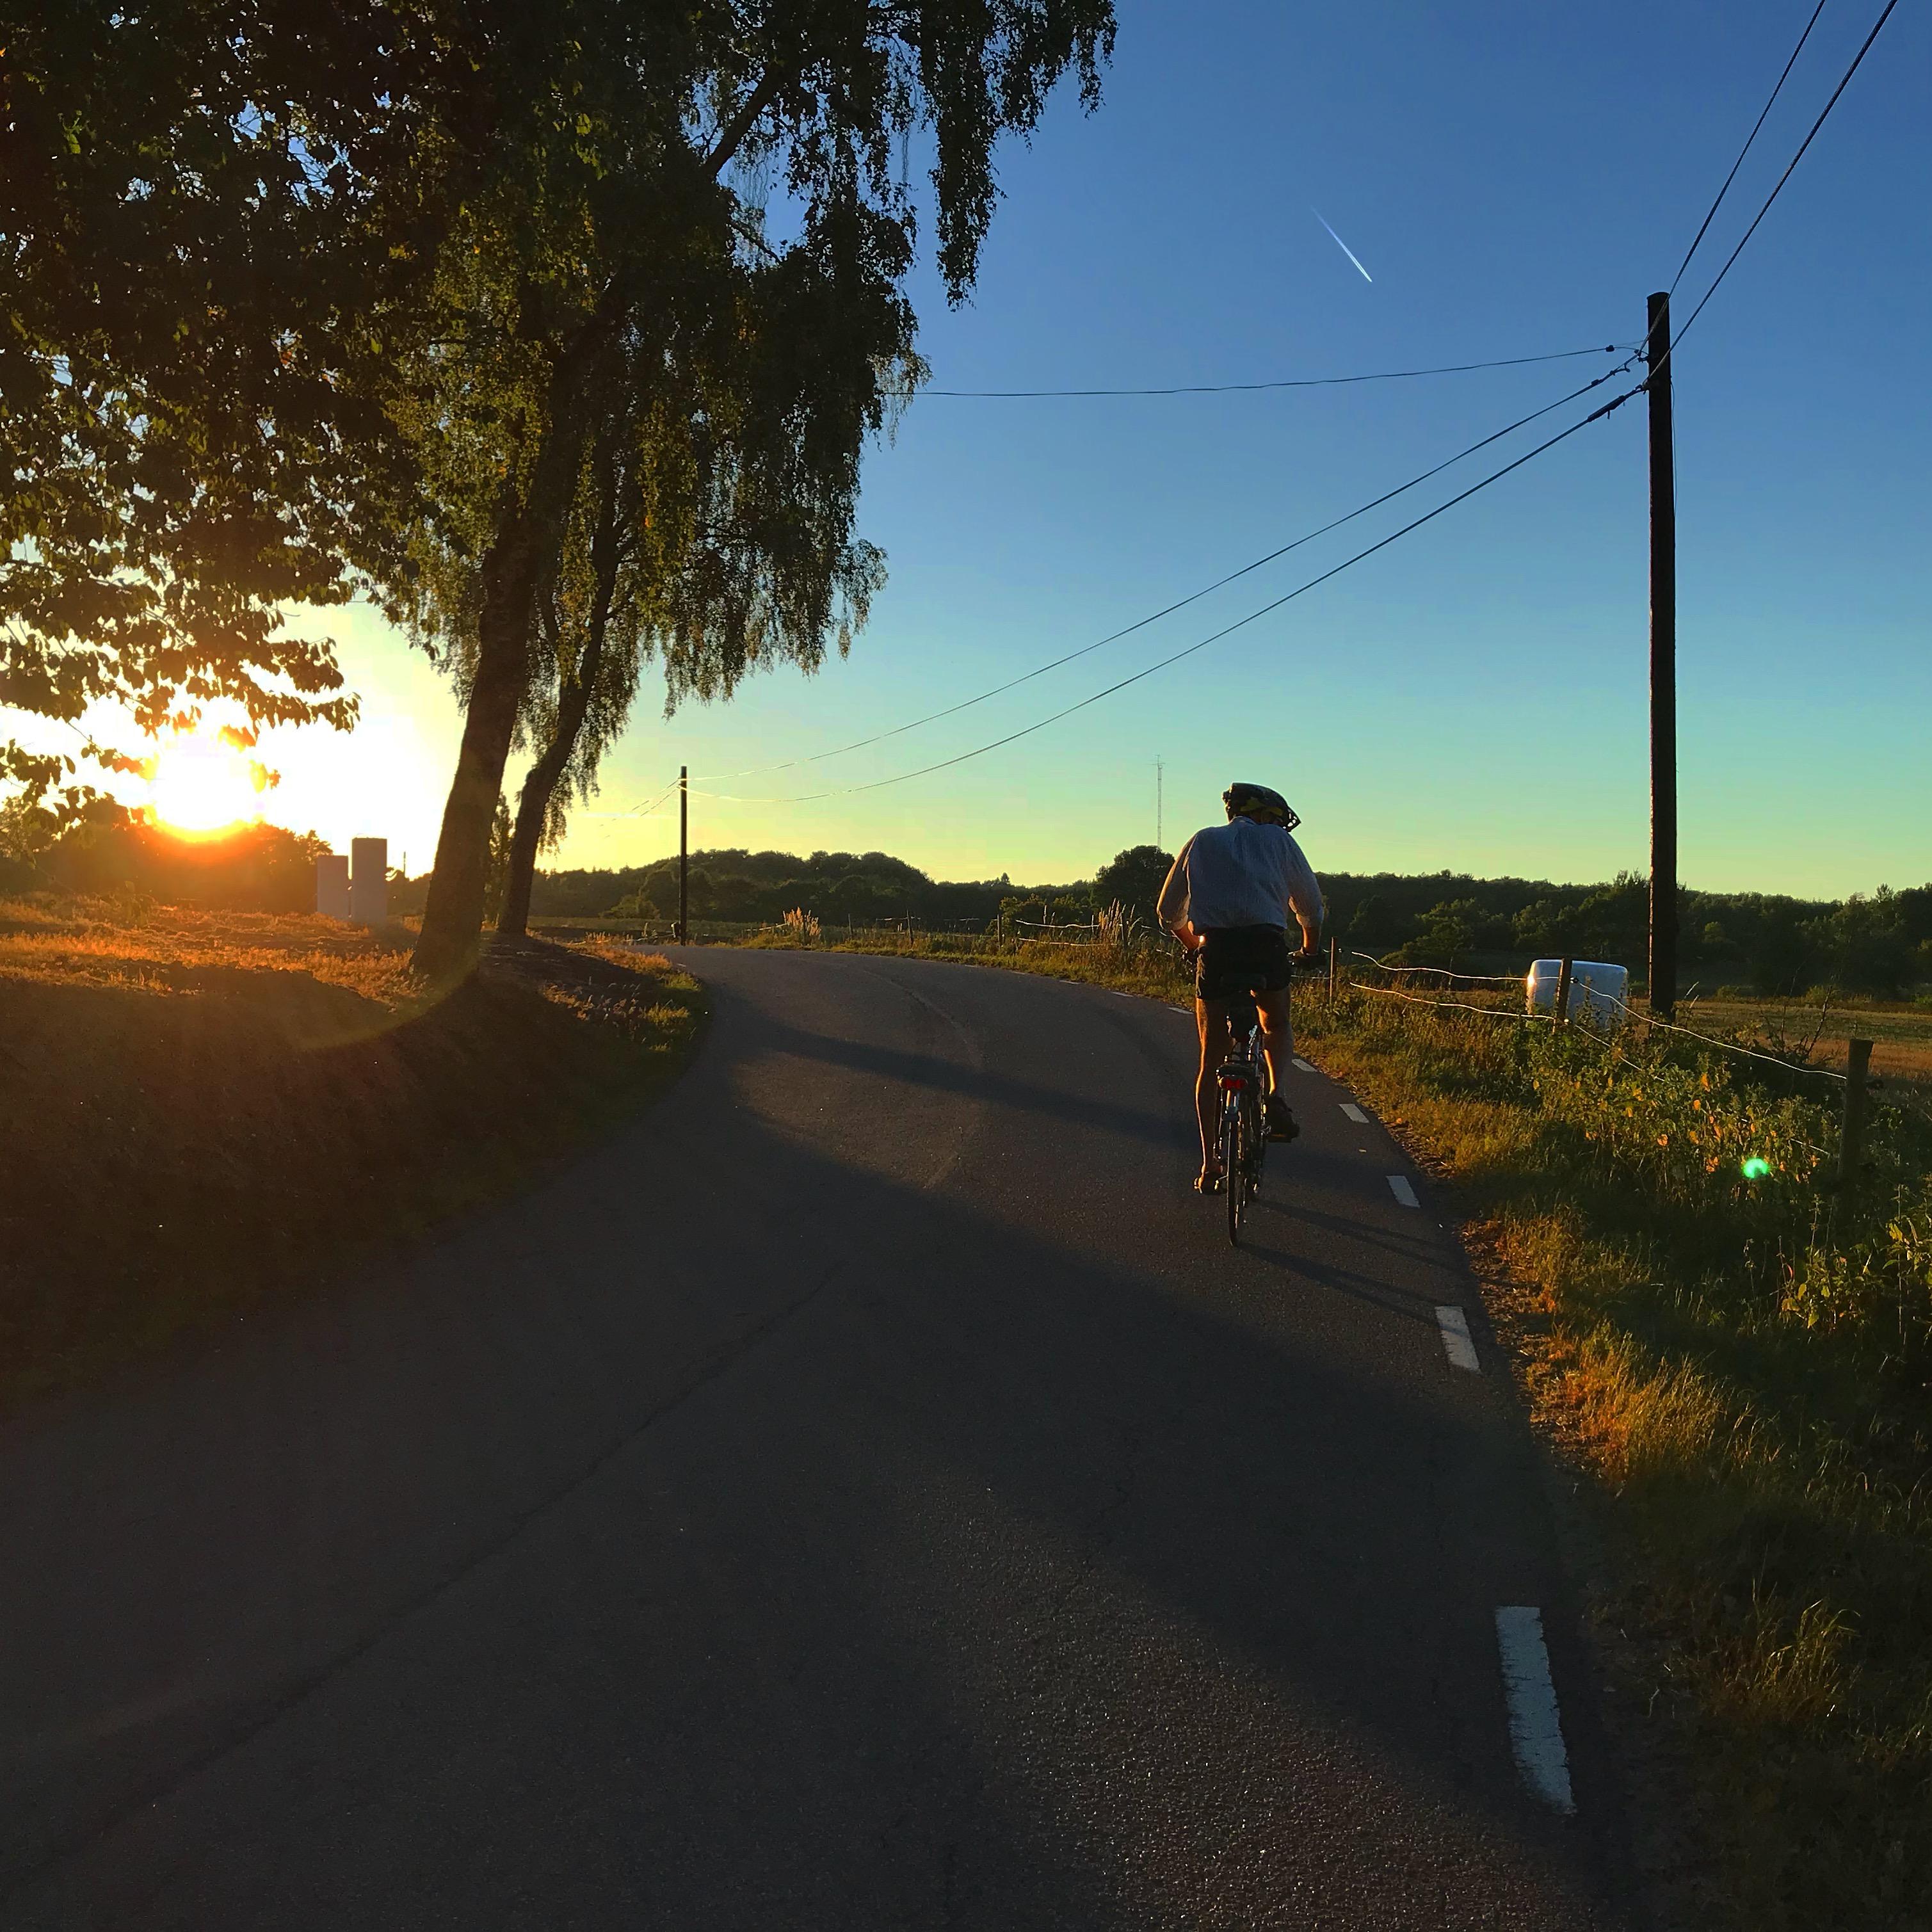 Sven cykel cykla träningspass